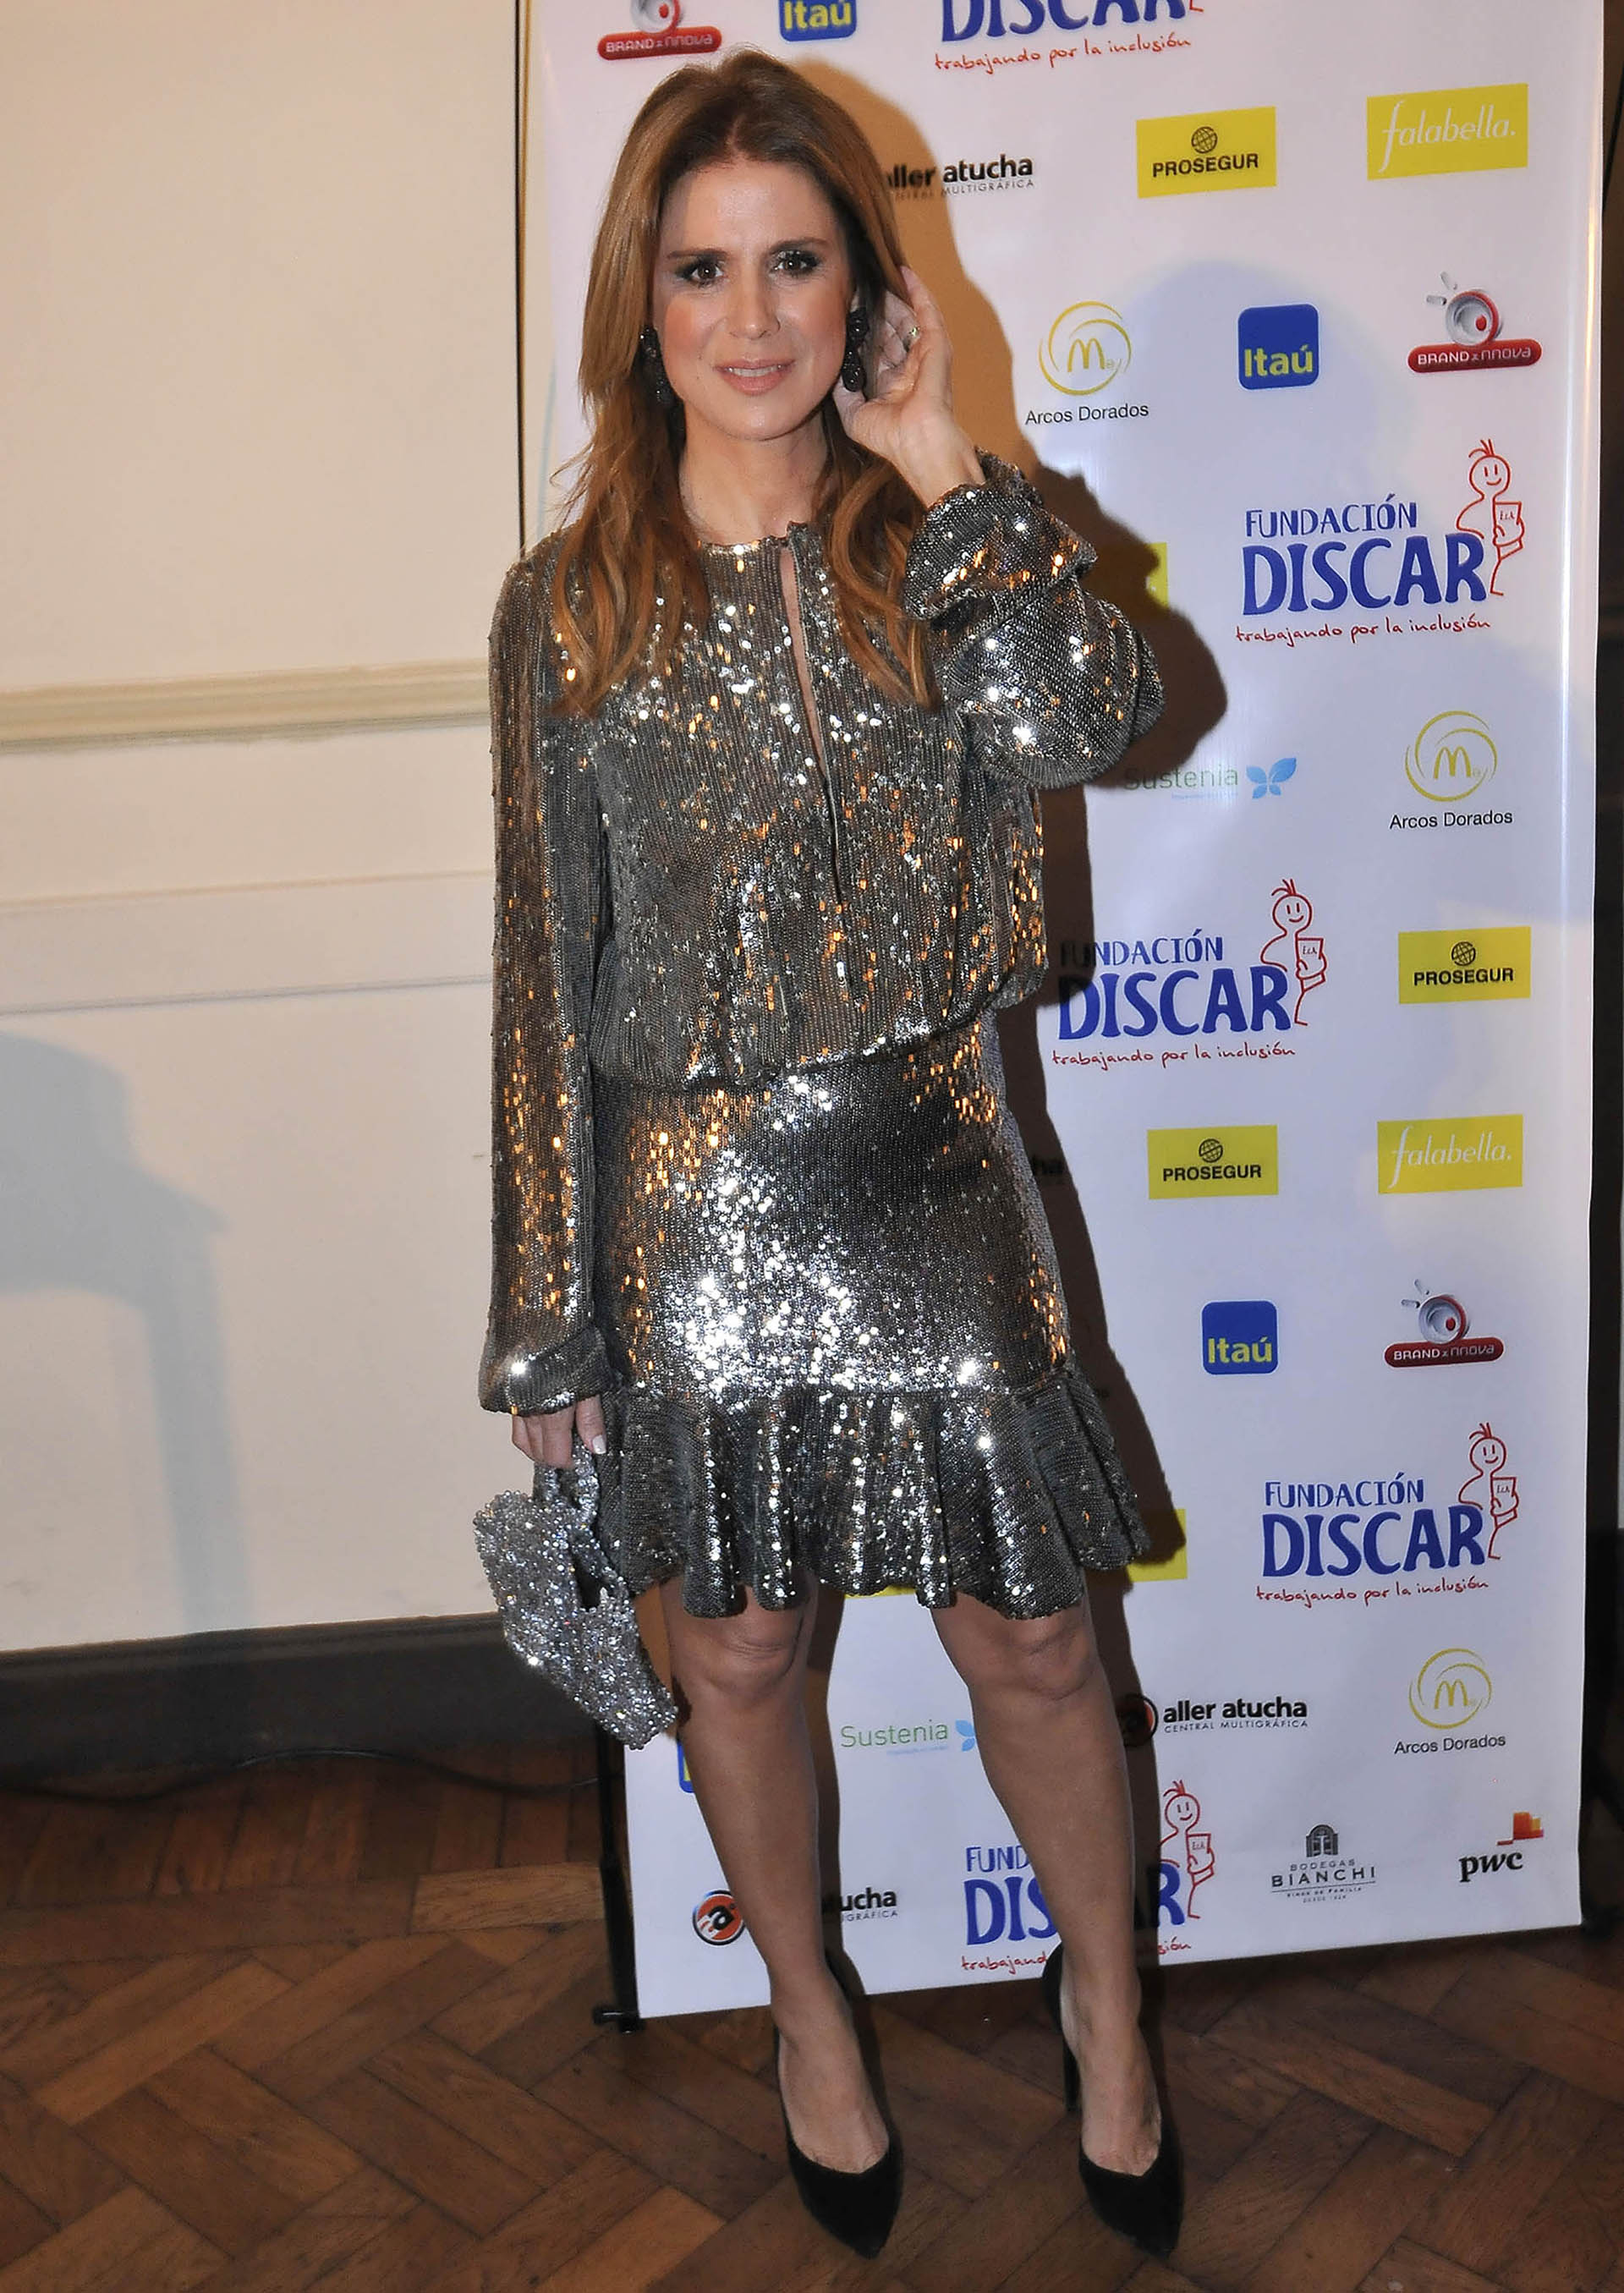 Flavia Palmiero participó en la cena solidaria de Discar (Verónica Guerman / Teleshow)